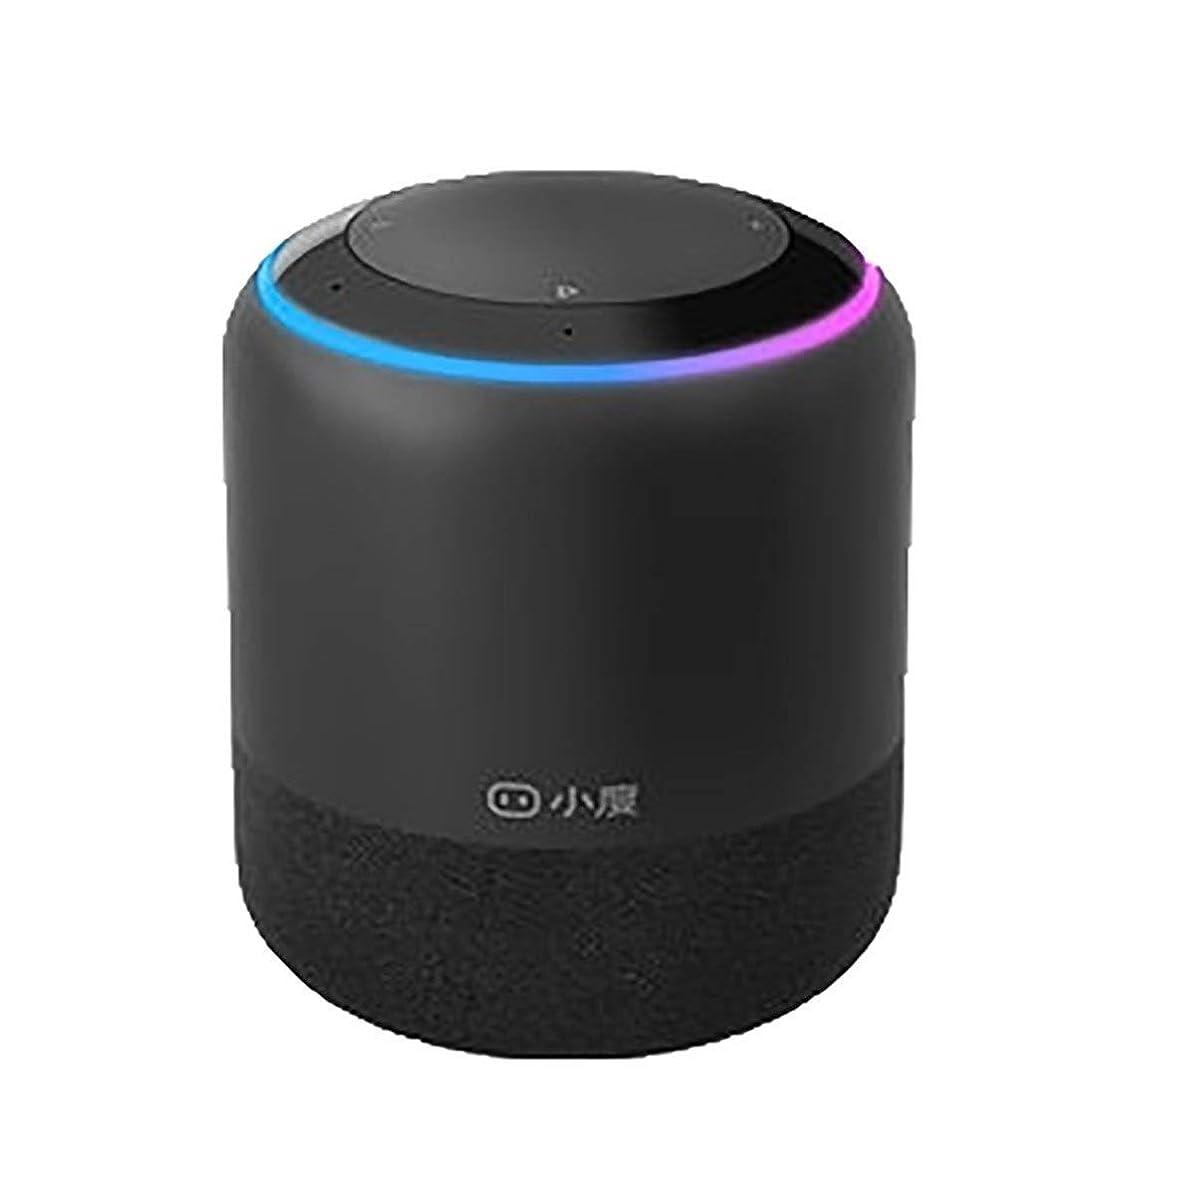 流用する錫トラックXIAOXIAN 小型インテリジェントスピーカー1S公式本物のAIロボットホームBluetoothの音声通話無線LANオーディオ小杜 (Color : Black)